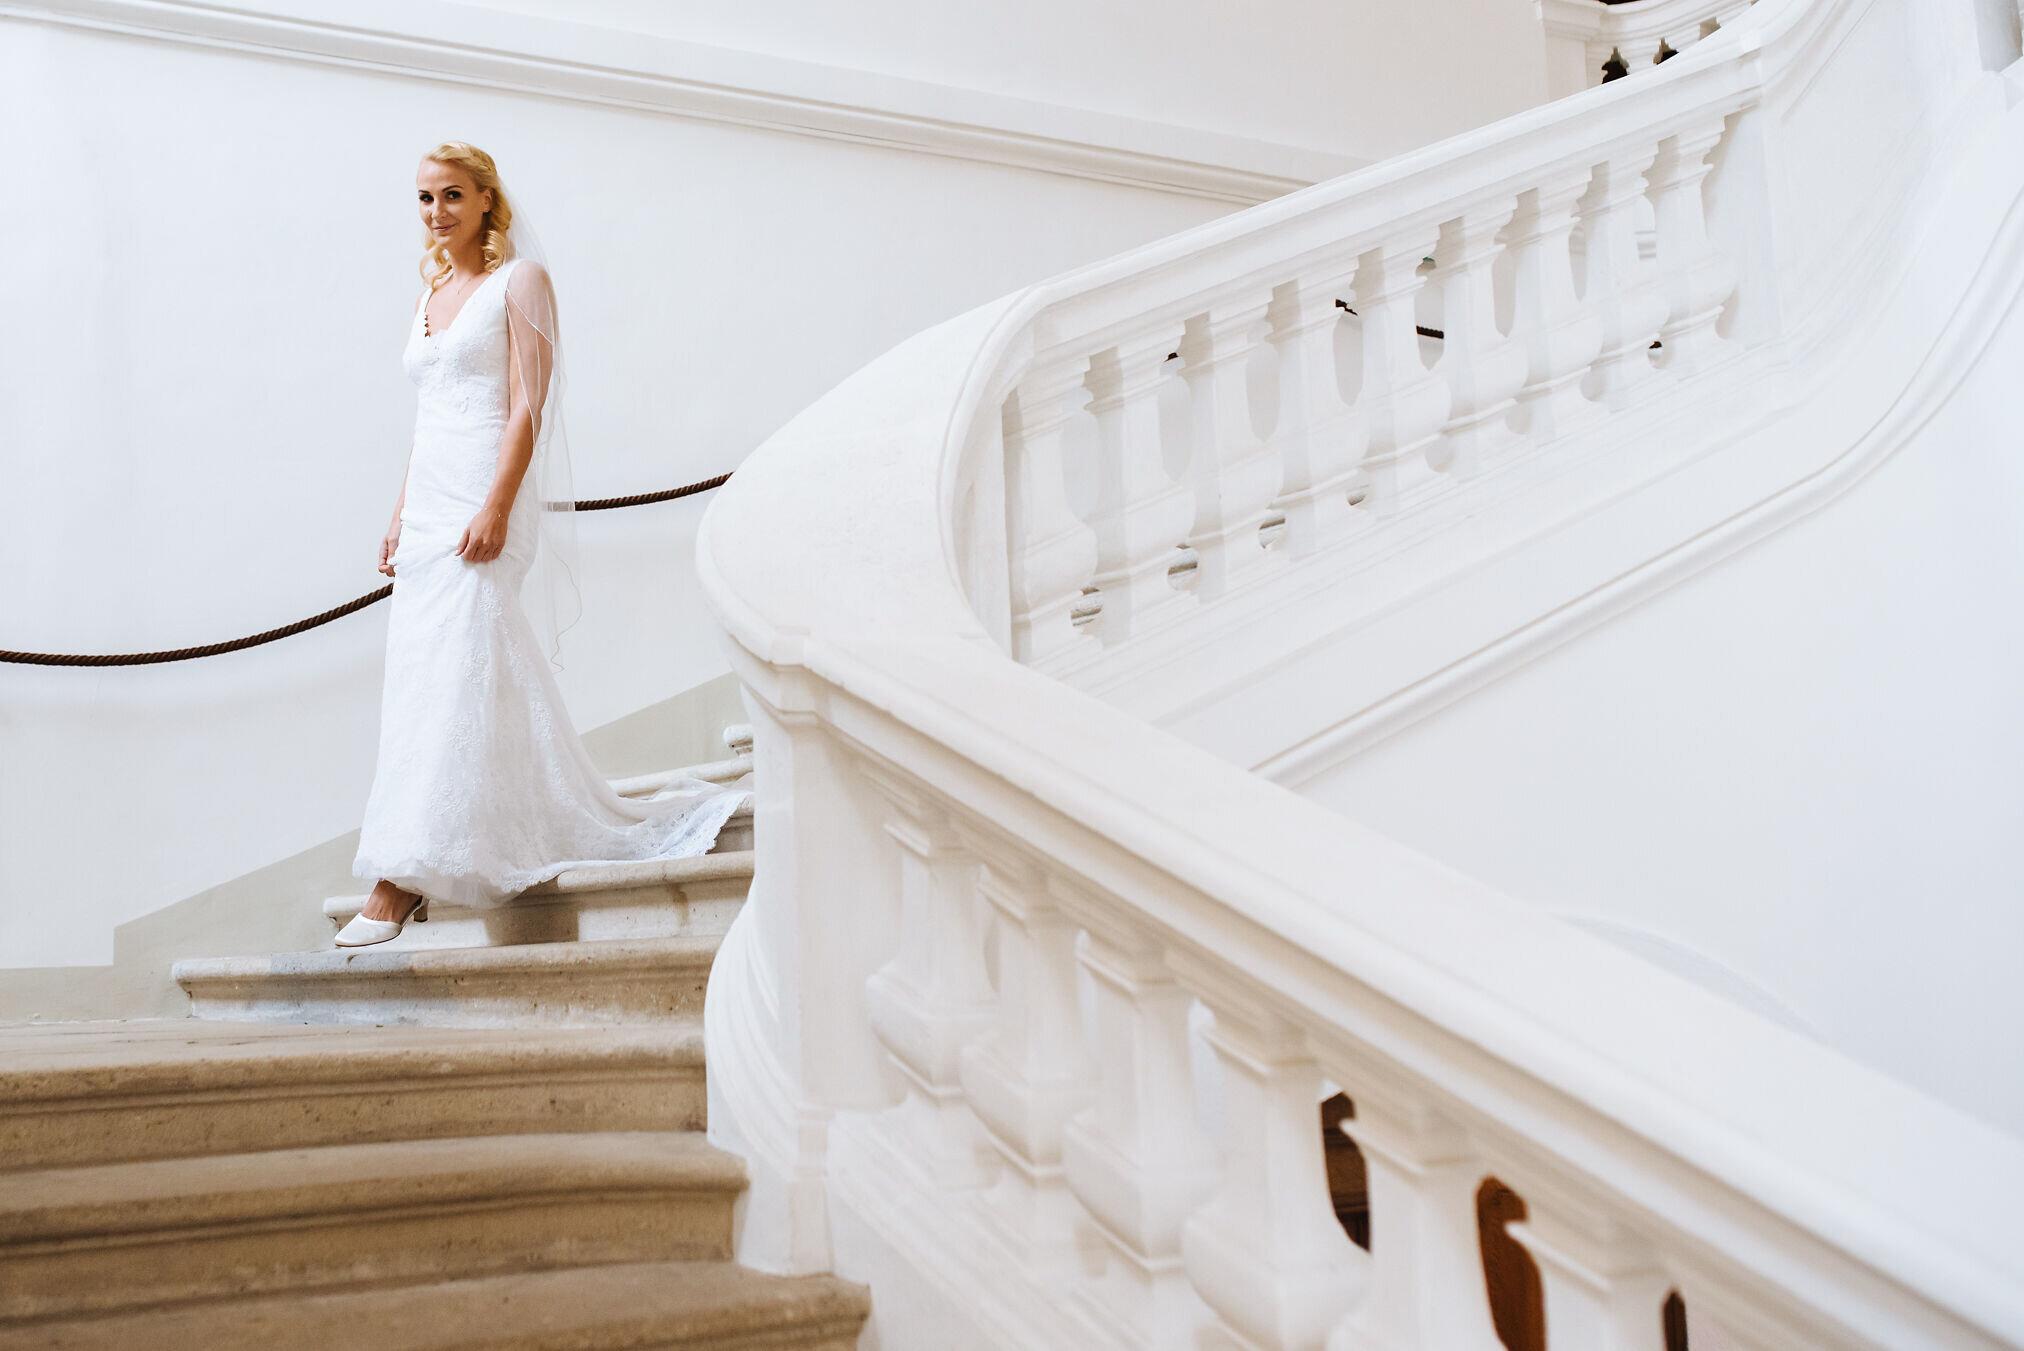 Hochzeit-Schloss-Eckartsau-19.jpg